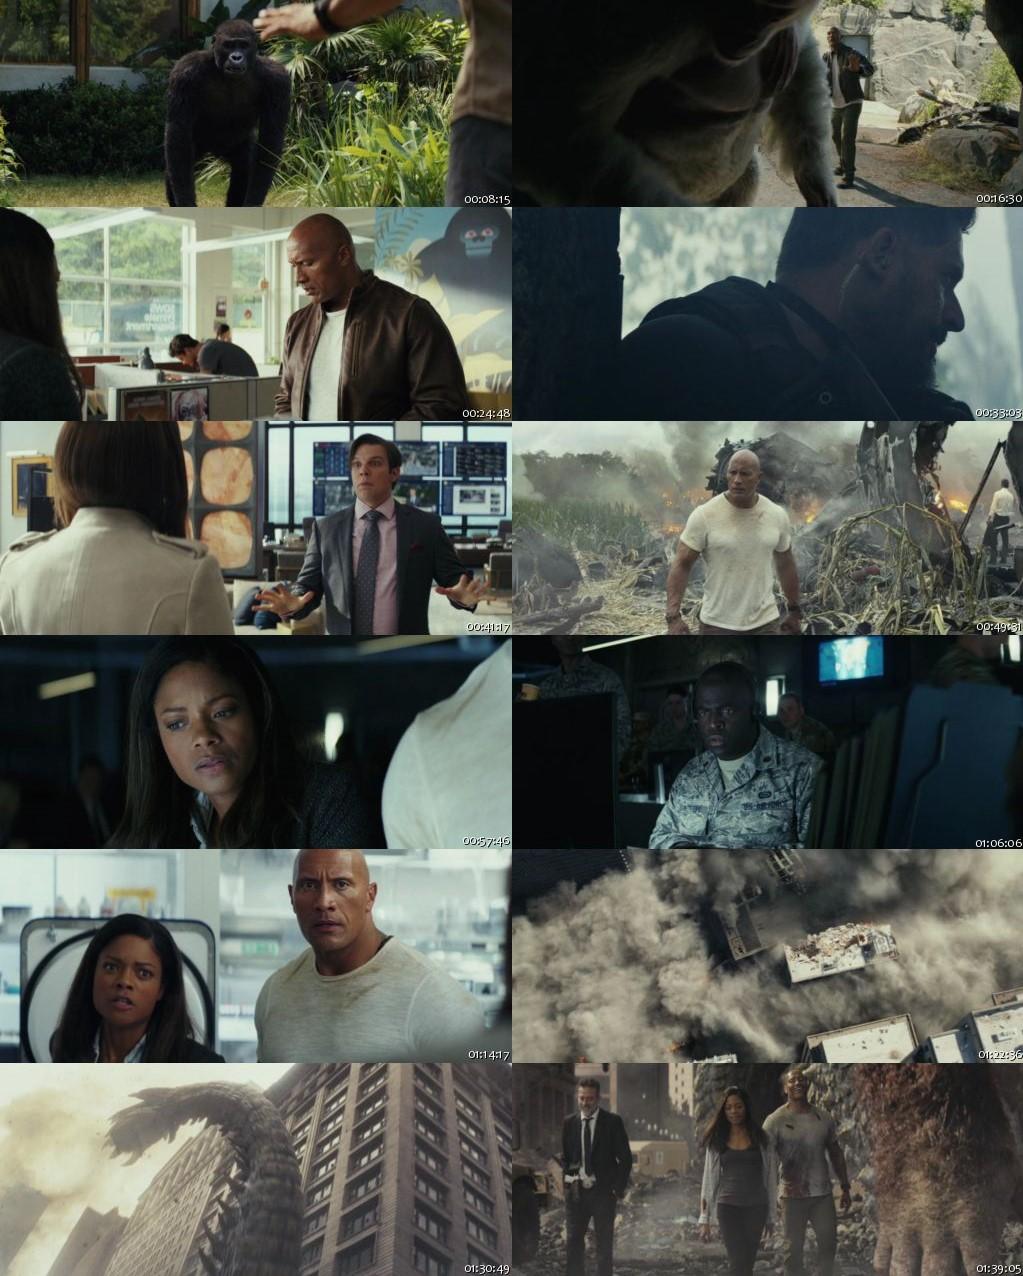 Rampage 2018 Full Movie Online Watch BRRip 720p Dual Audio ESub